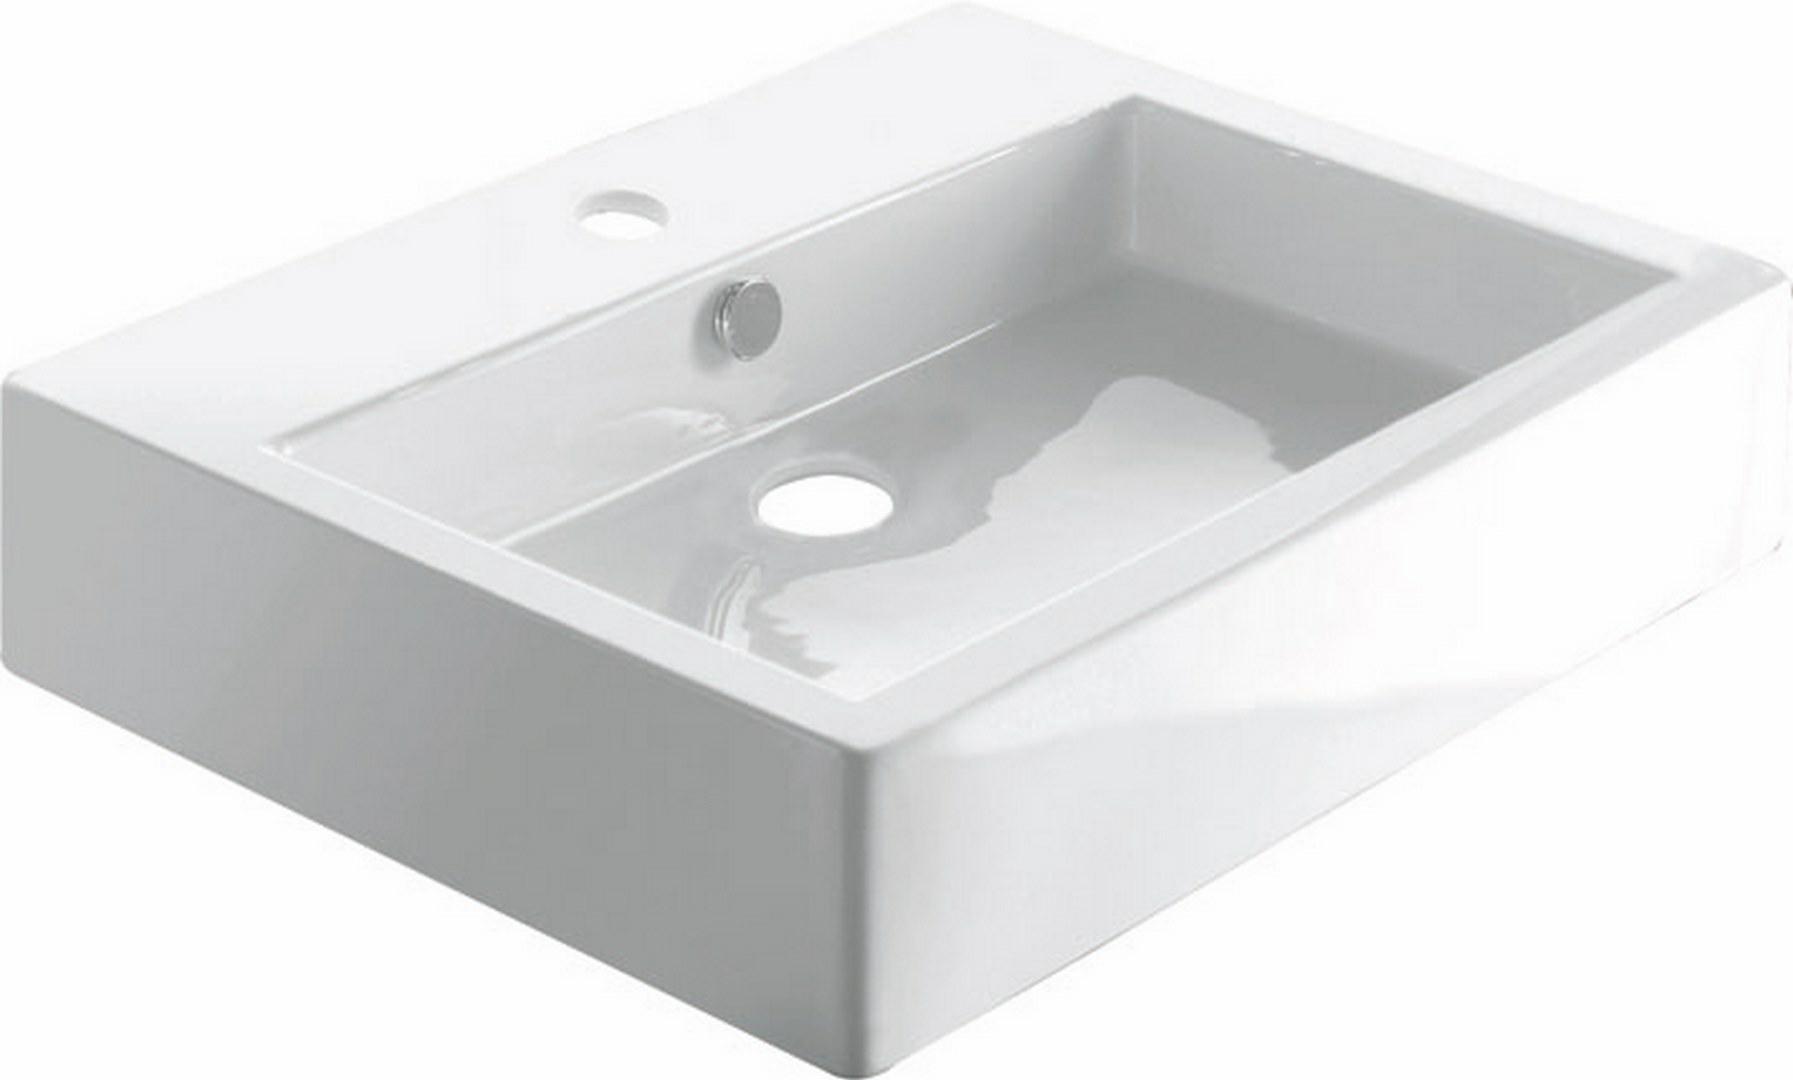 Umywalka nablatowa, Cancun 0017E, biała